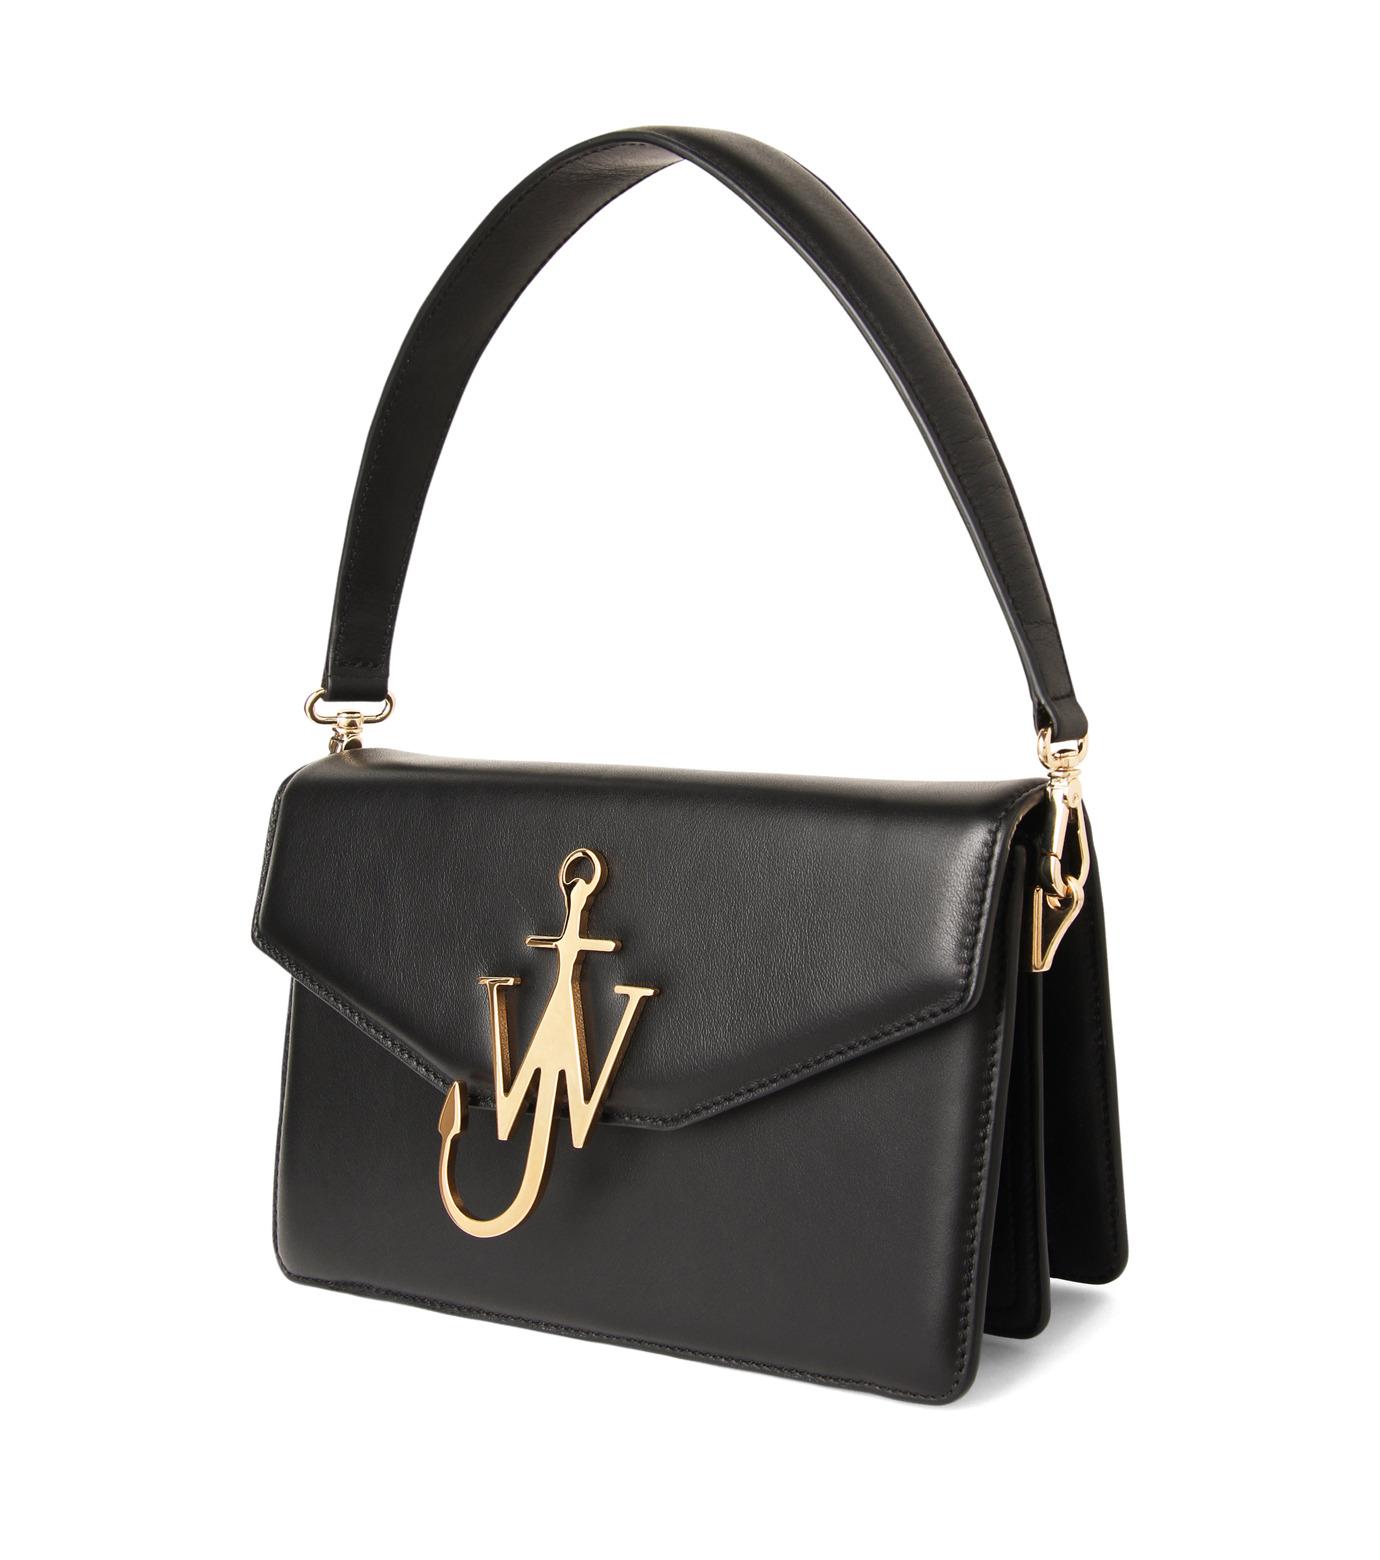 J.W.Anderson(ジェイダブリュー アンダーソン)のLogo Purse-BLACK(ハンドバッグ/hand bag)-HB03615-13 拡大詳細画像2